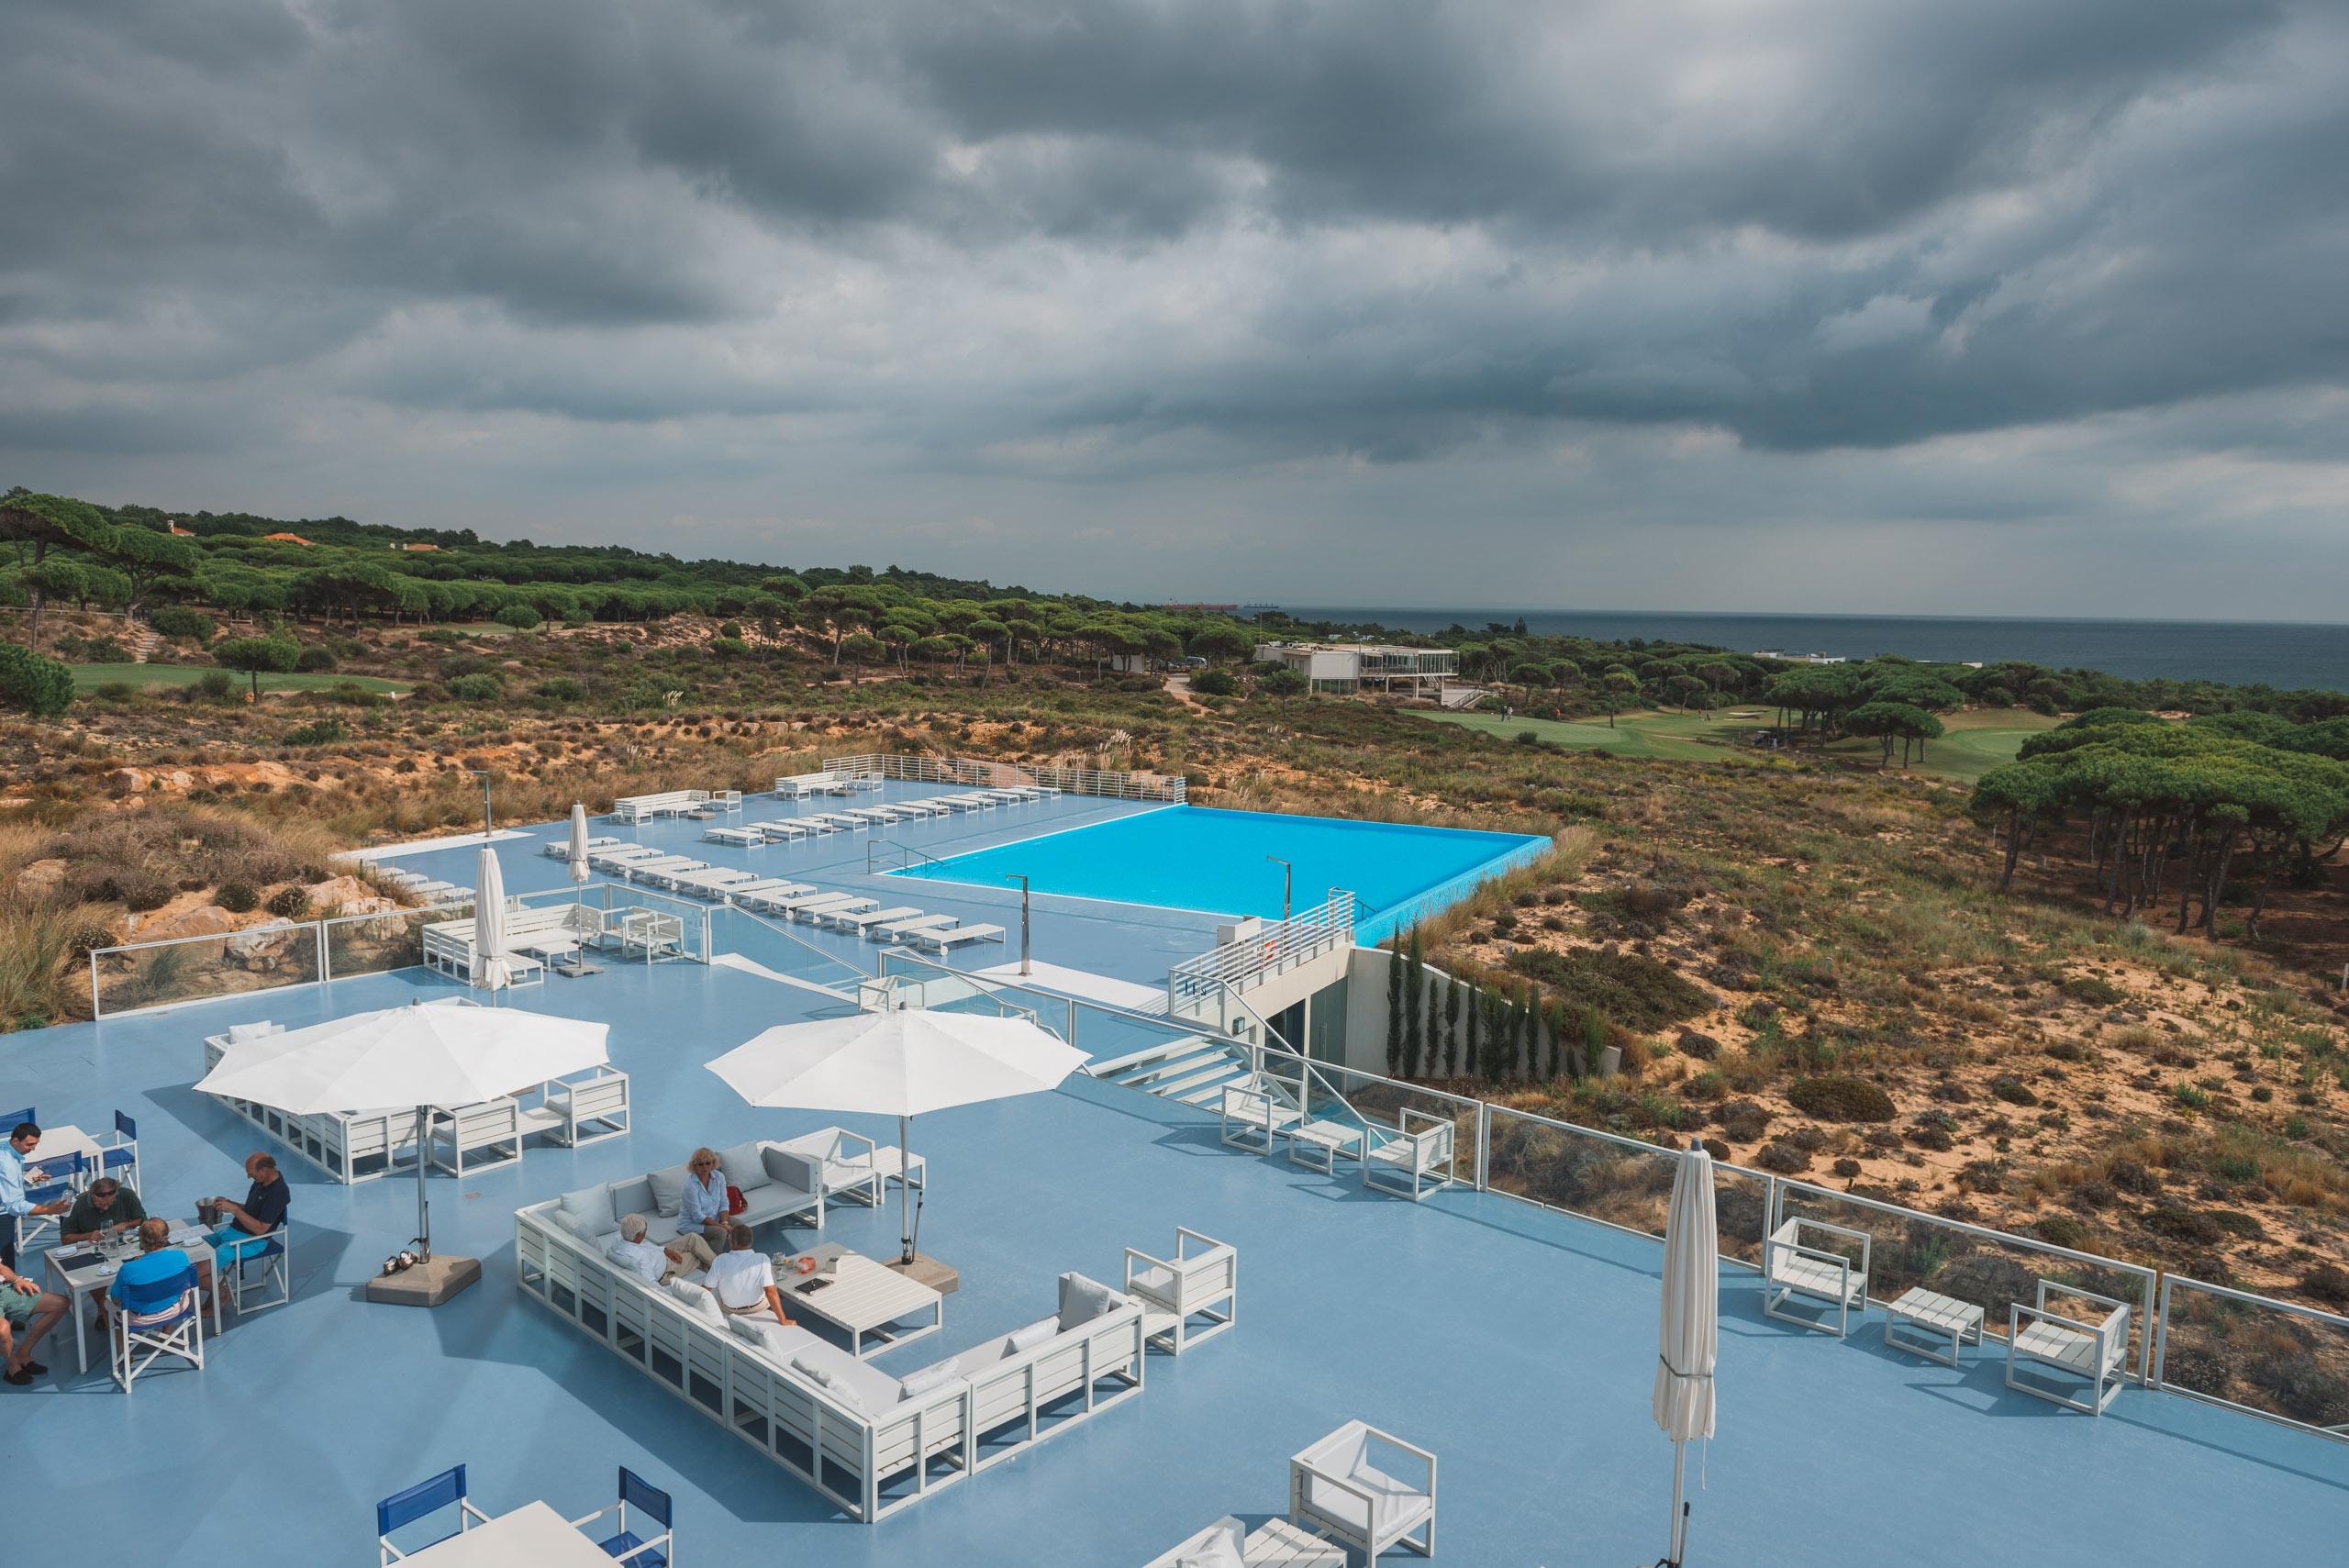 Portugal - Cascais - 2012-0928-DSC_2099_107803